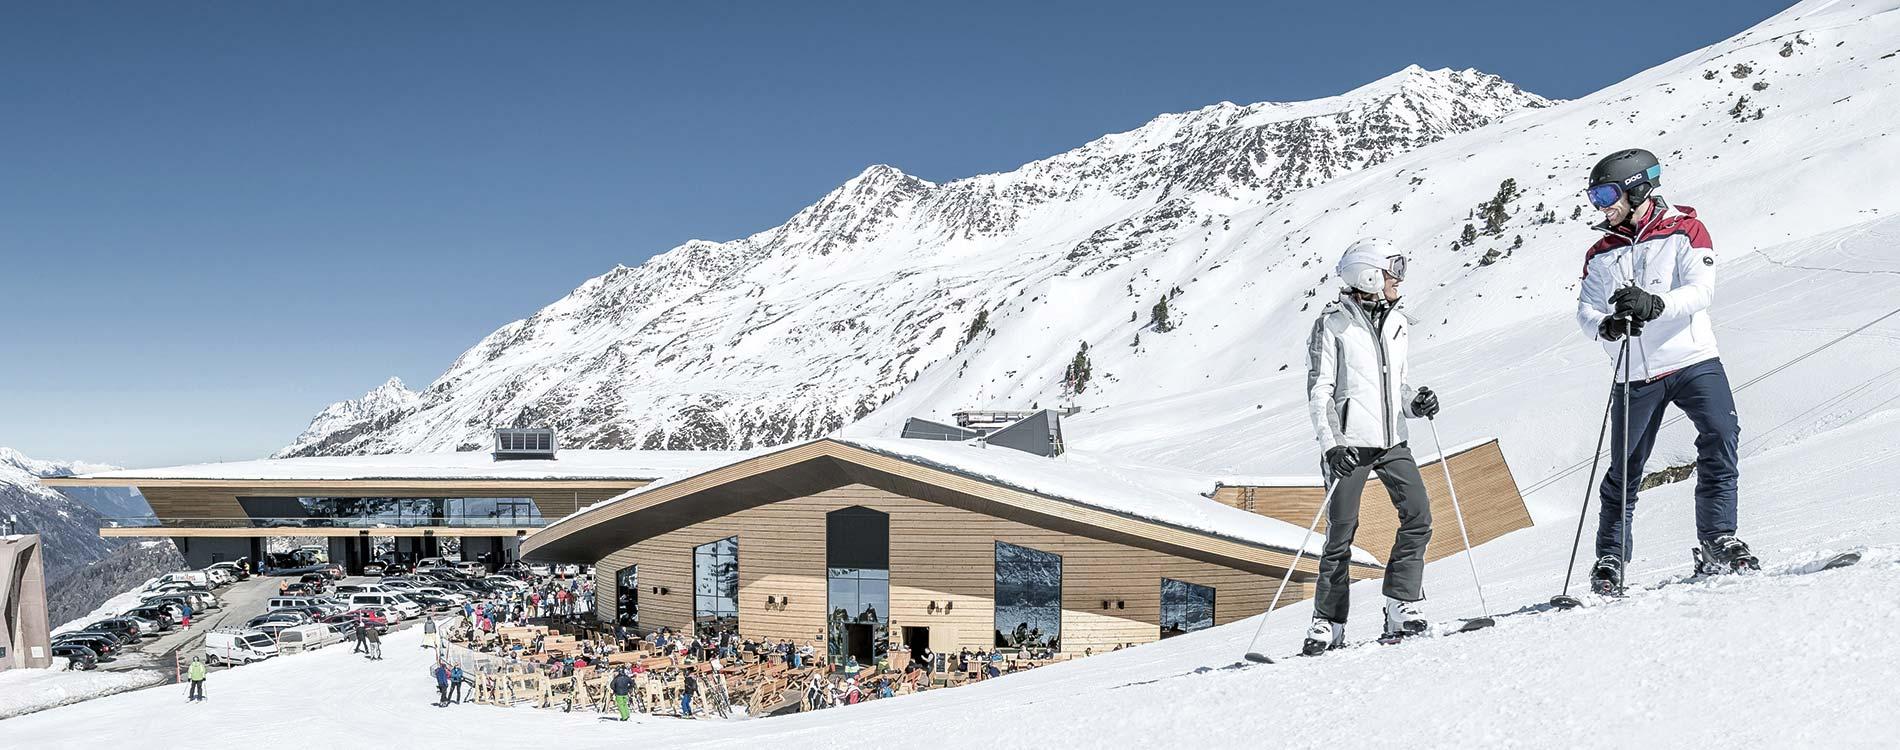 Schneesicherheit im Skigebiet Obergurgl Hochgurgl und Sölden im Ötztal Tirol Austria